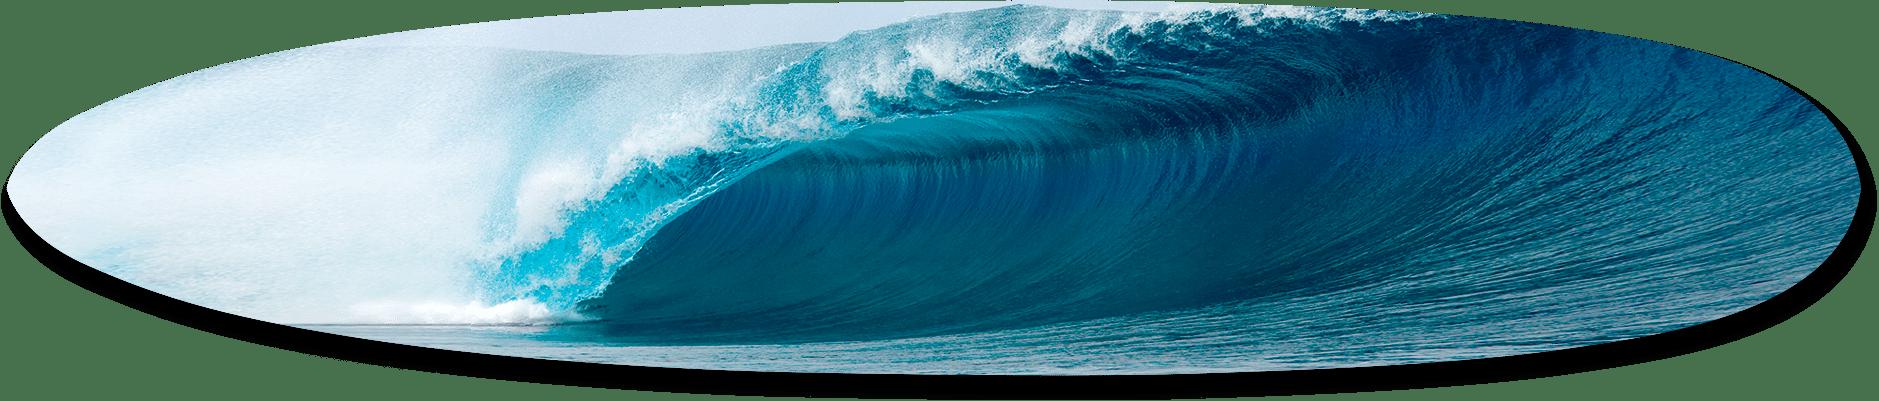 Teahupoo, Tahiti Long Board